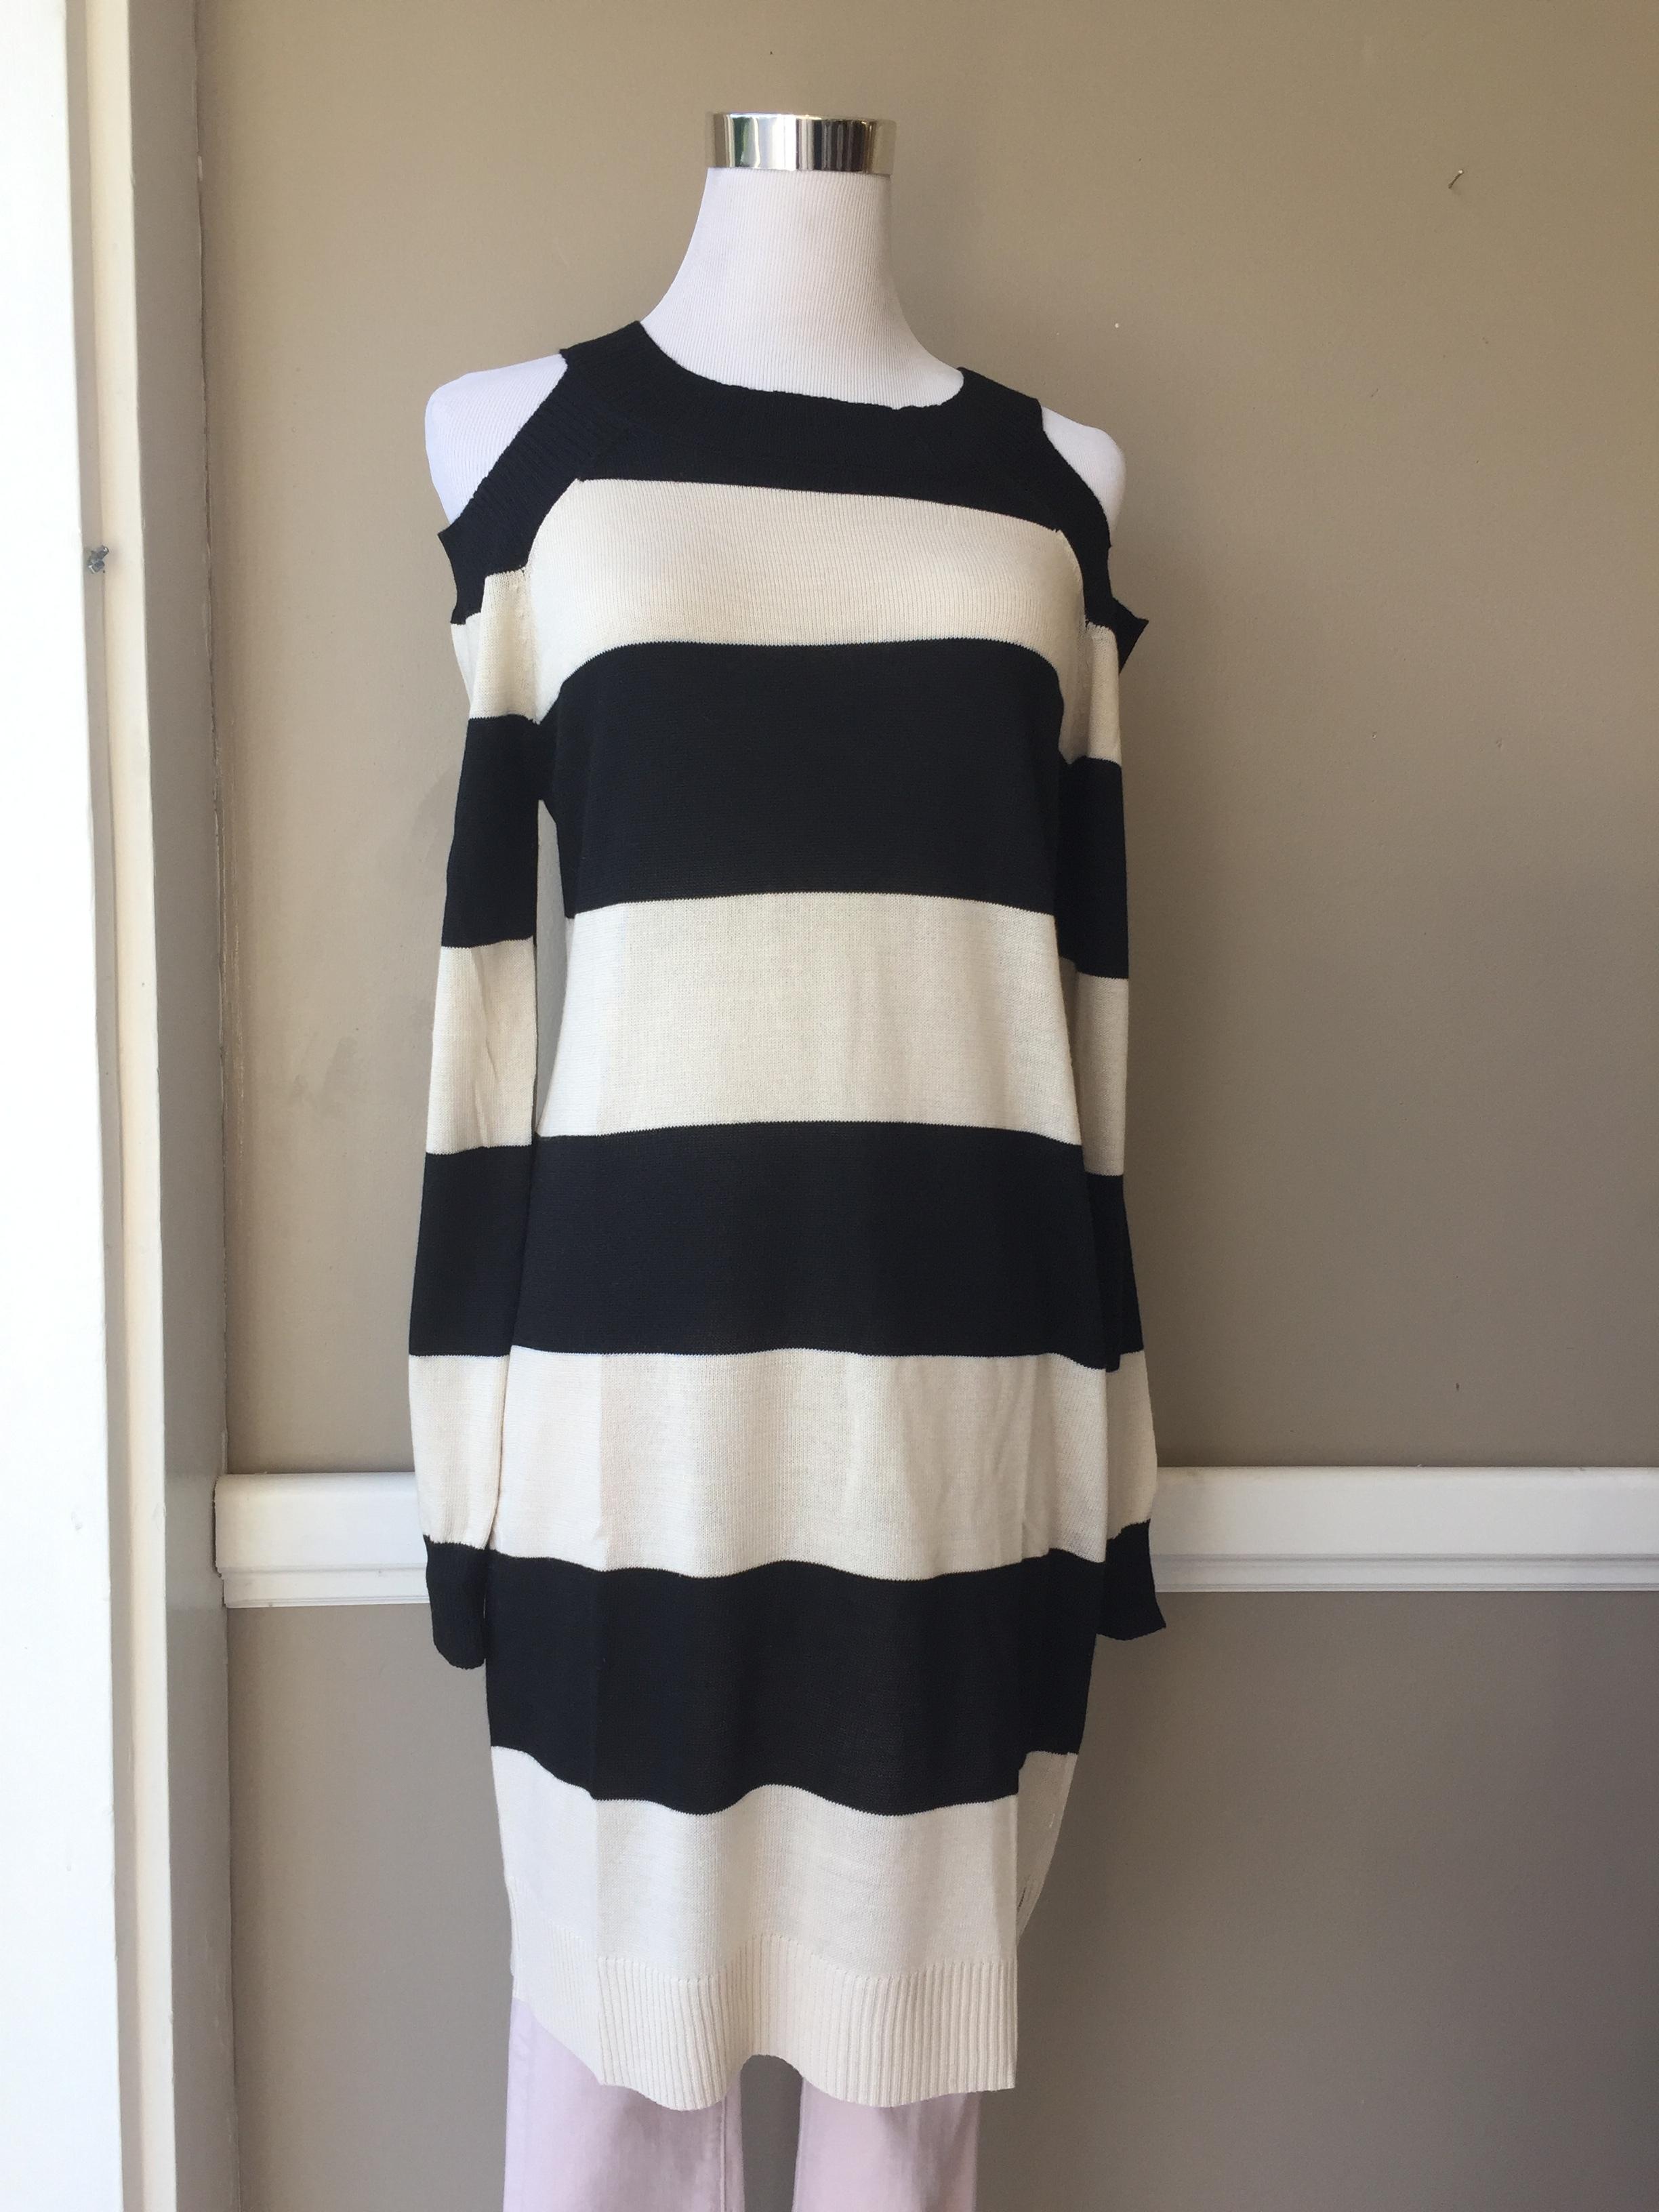 B&W Cold Shoulder Dress $40